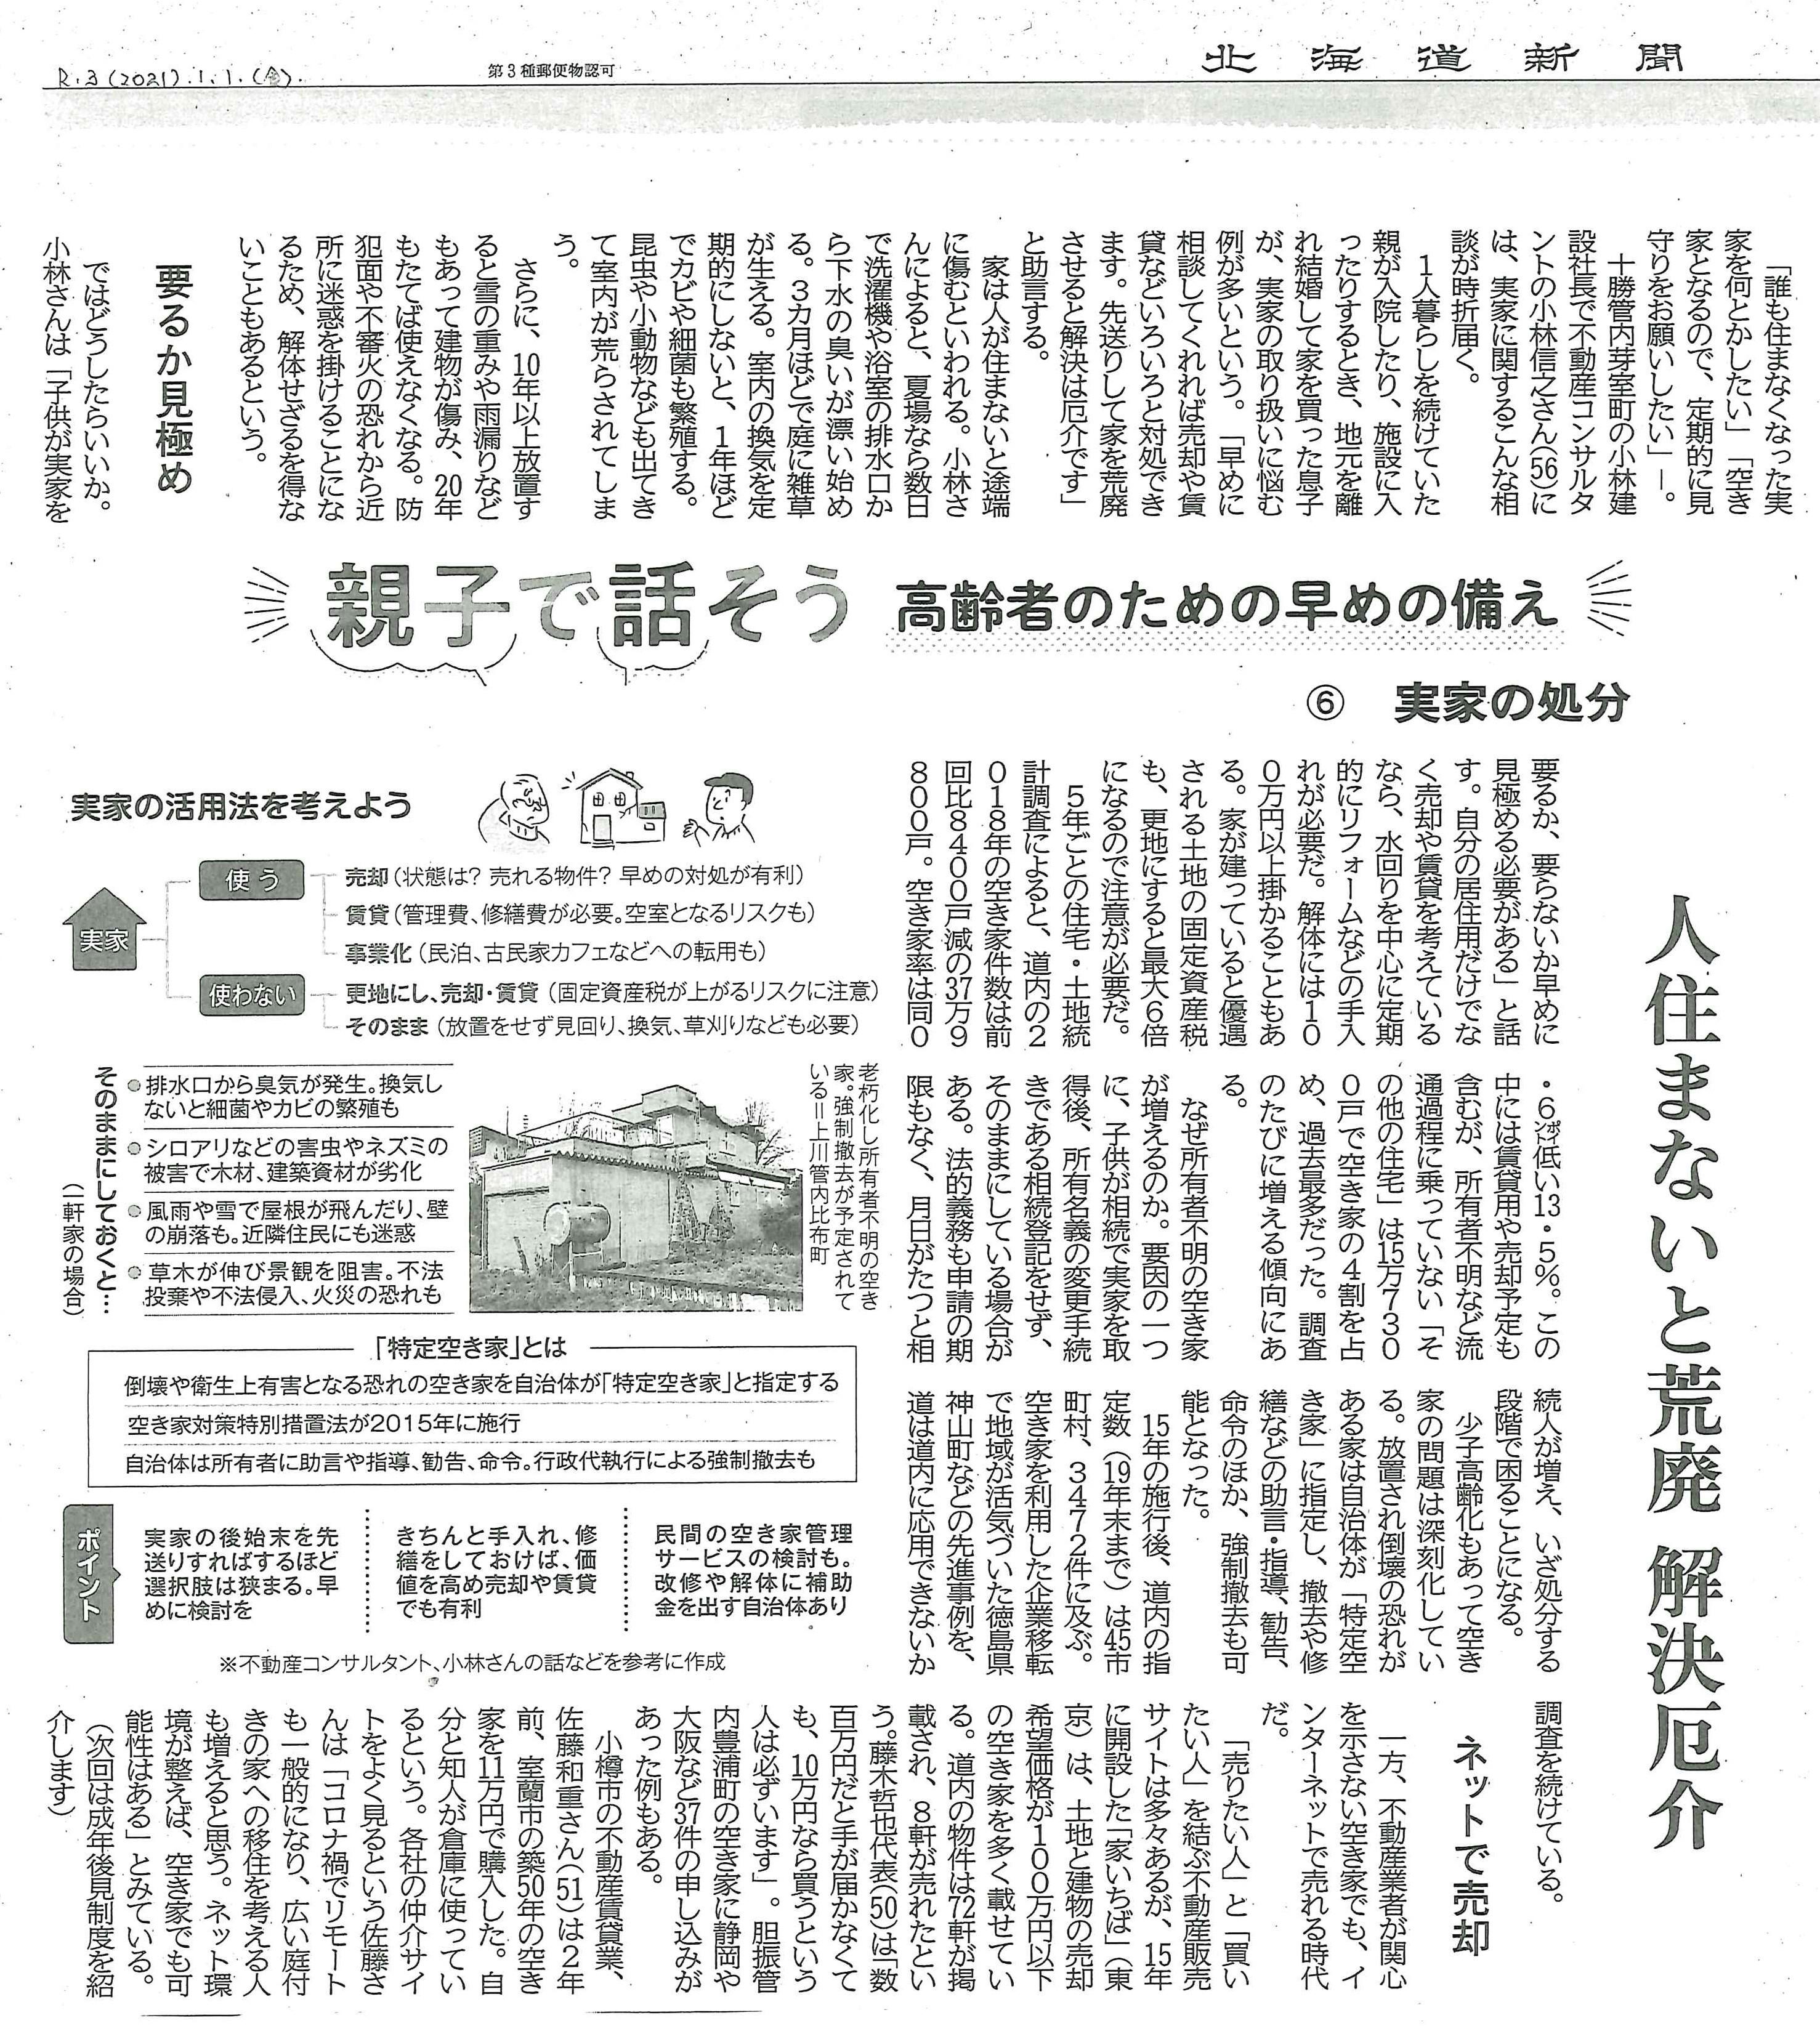 20210101_doshin.jpg